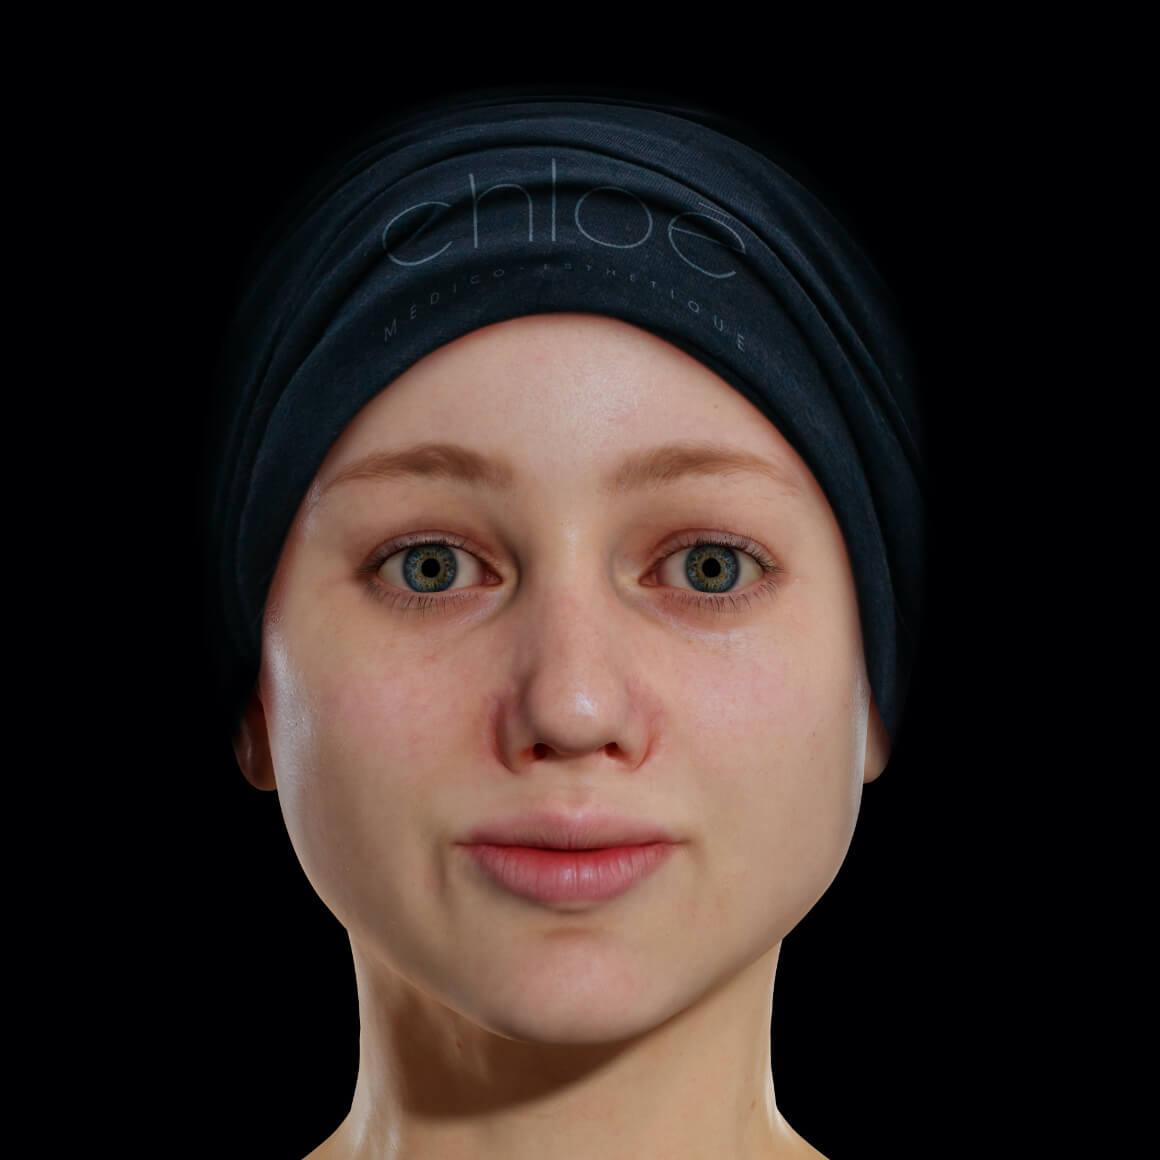 Patiente de la Clinique Chloé de face après des traitements au laser Vbeam pour traiter de l'acné active